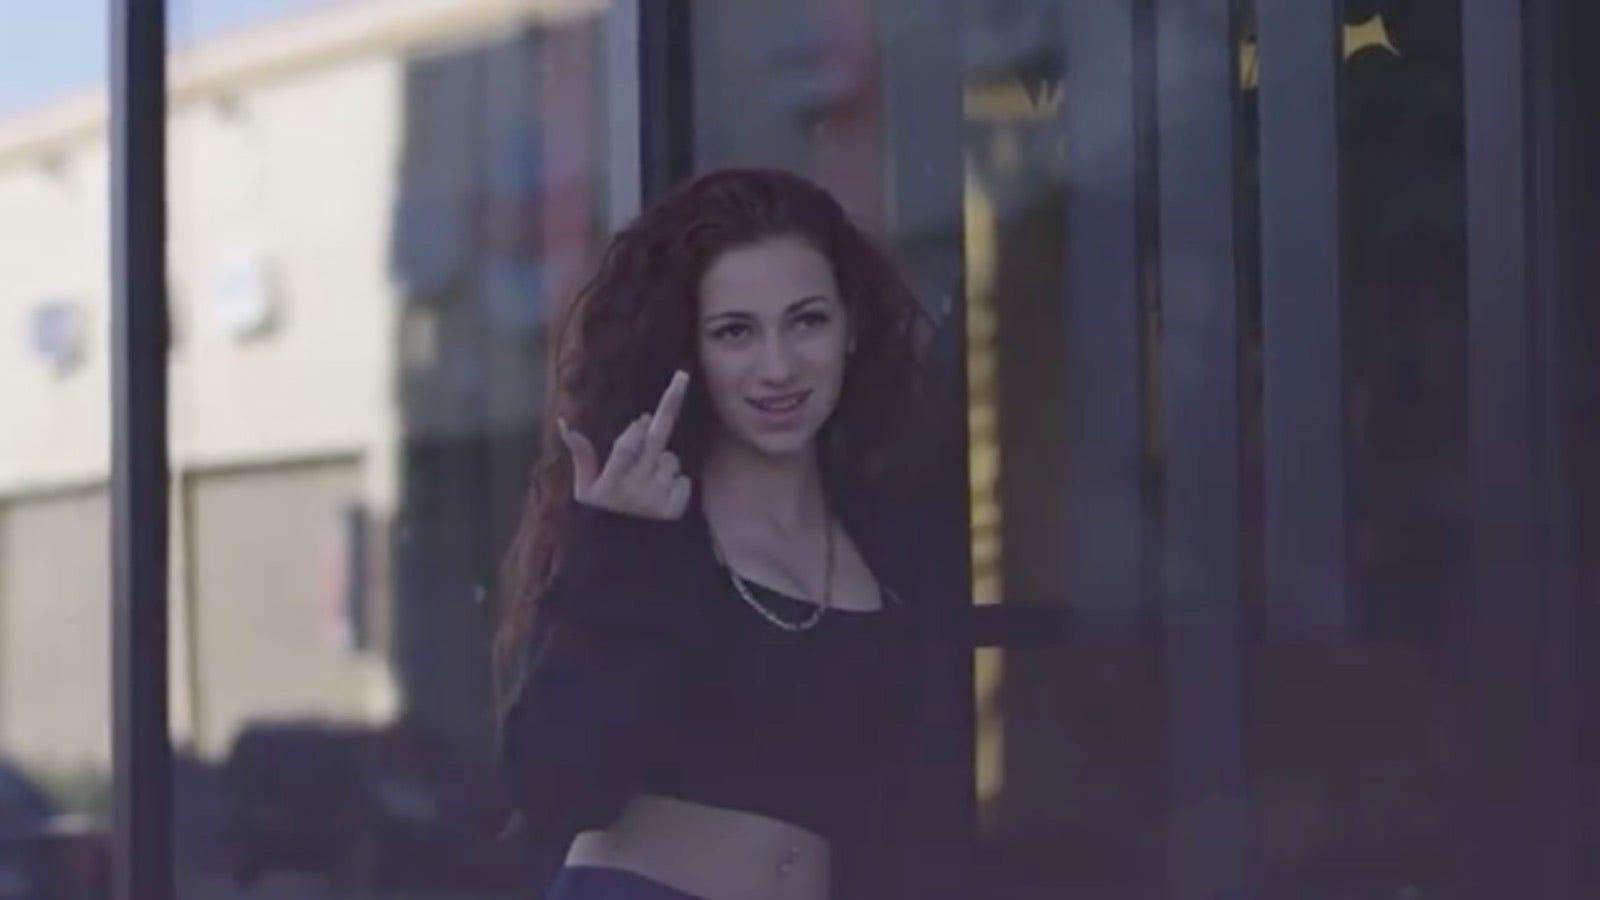 Danielle instagram cash me outside - The Cash Me Outside Girl S Tour Has Been Postponed